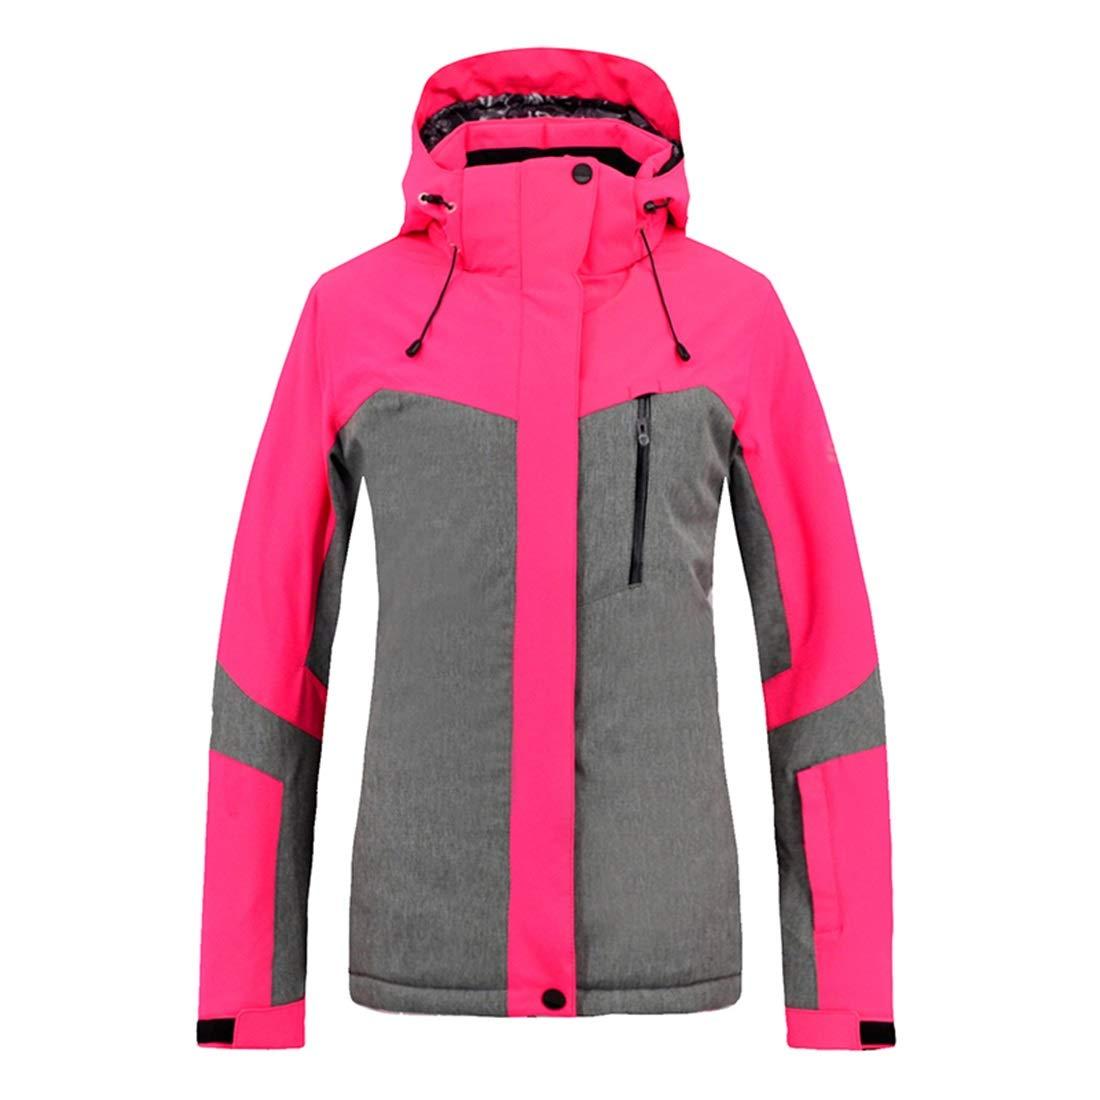 MEIDELE 女性のジャケット冬の女の子のコートアウトドアスポーツドレススキージャケットプラスサイズレディーススノーボードジャケット (色 : ピンク, サイズ : XL) ピンク X-Large